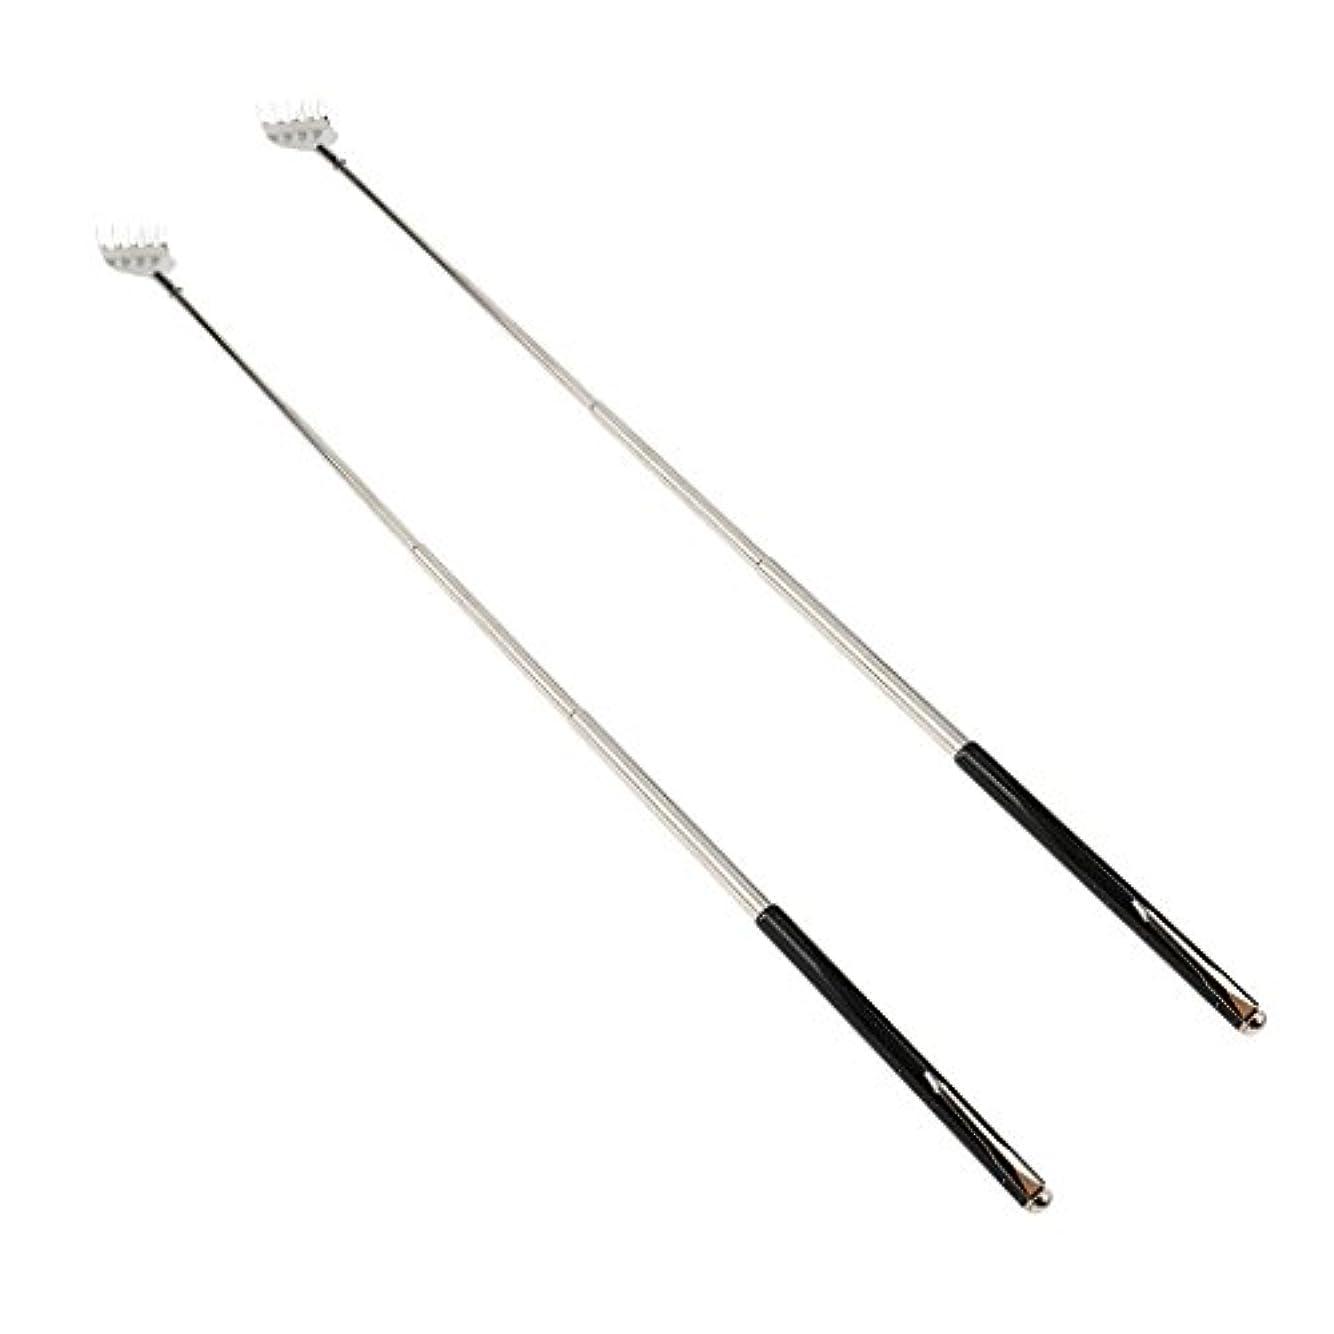 スピーチインストラクターご注意dailymall 2ピースバックスクラッチャー伸縮式爪拡張可能なかゆみハンドマッサージペンフック付き